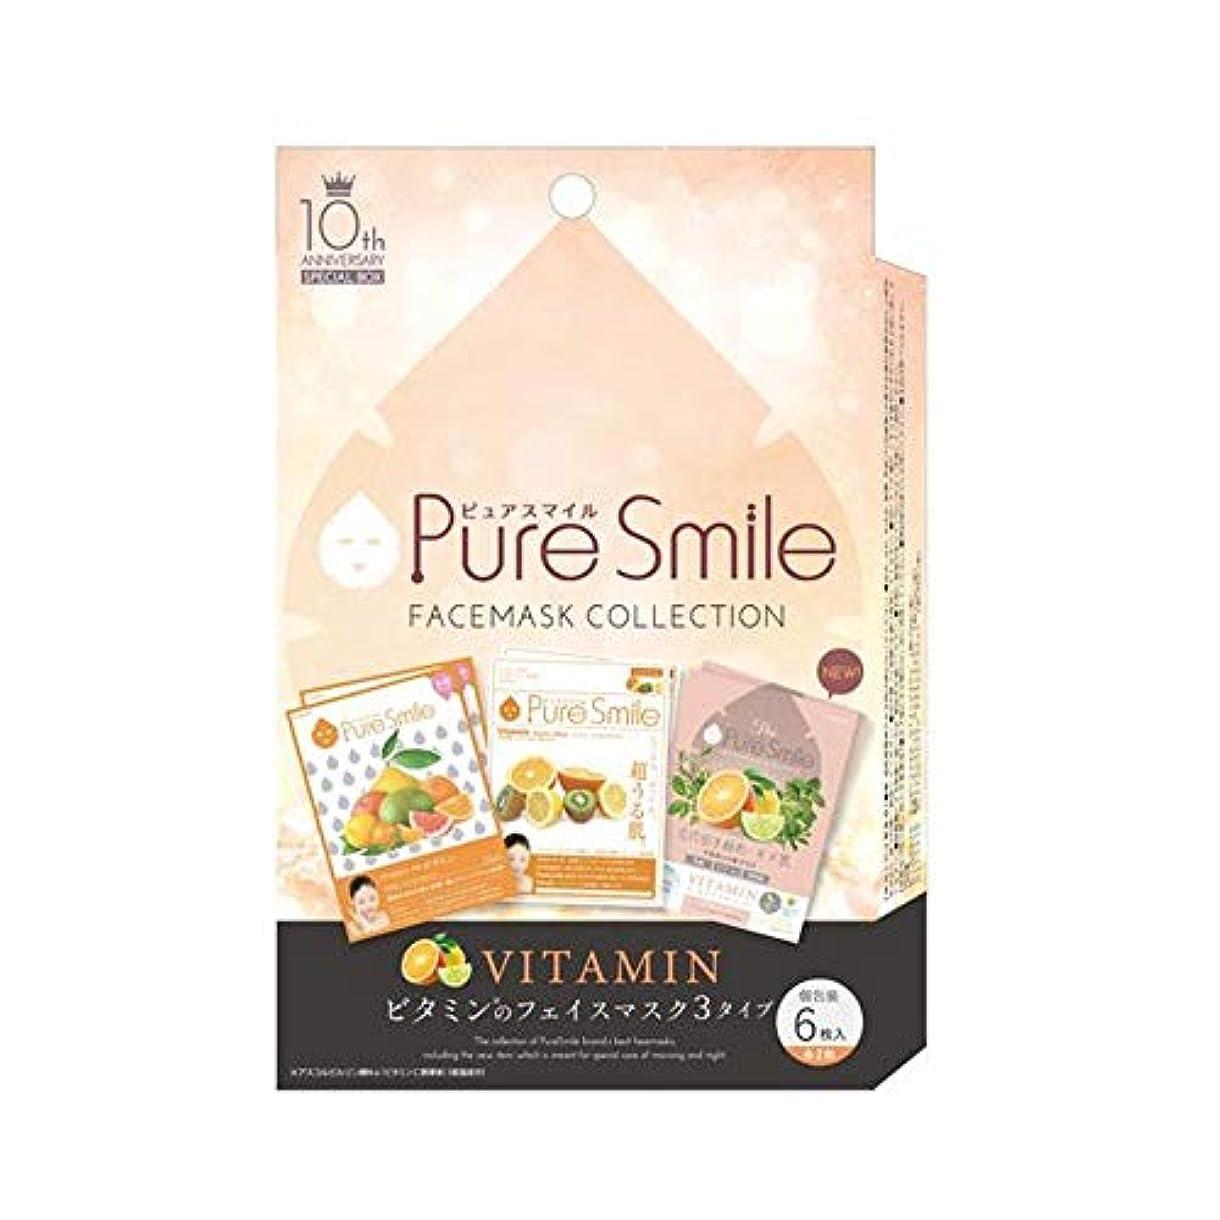 調べる話をする魅了するピュア スマイル Pure Smile 10thアニバーサリー スペシャルボックス ビタミン 6枚入り